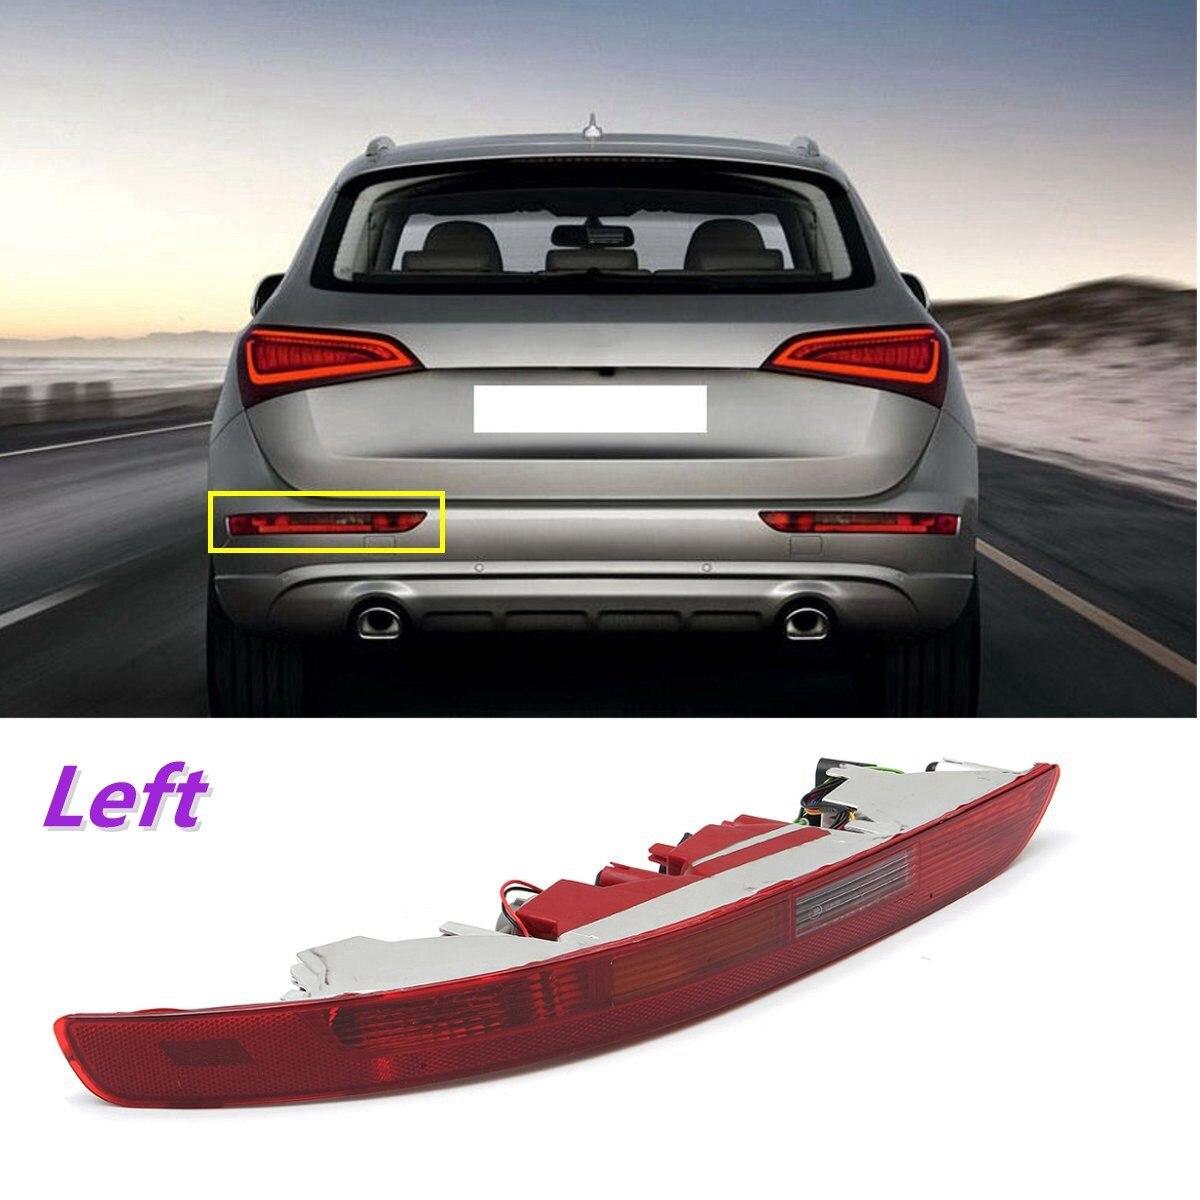 Rear Left Side Brake Parking Warning Fog Tail Light Lamp Bumper Cover For Audi Q5 2